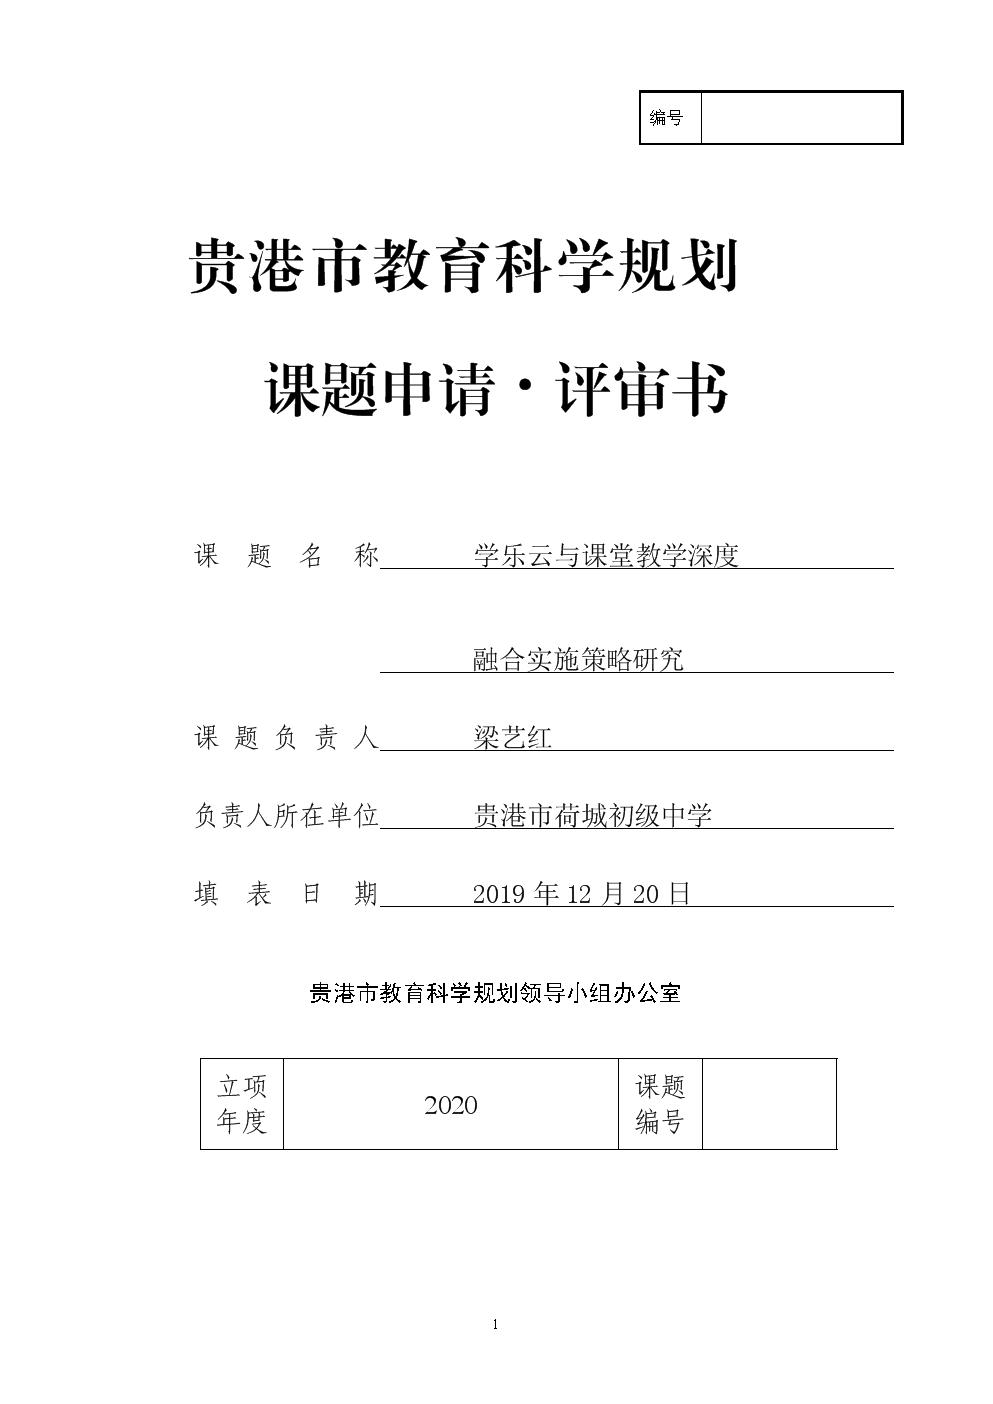 《学乐云与课堂教学深度融合实施策略的研究》 · 评审书.doc